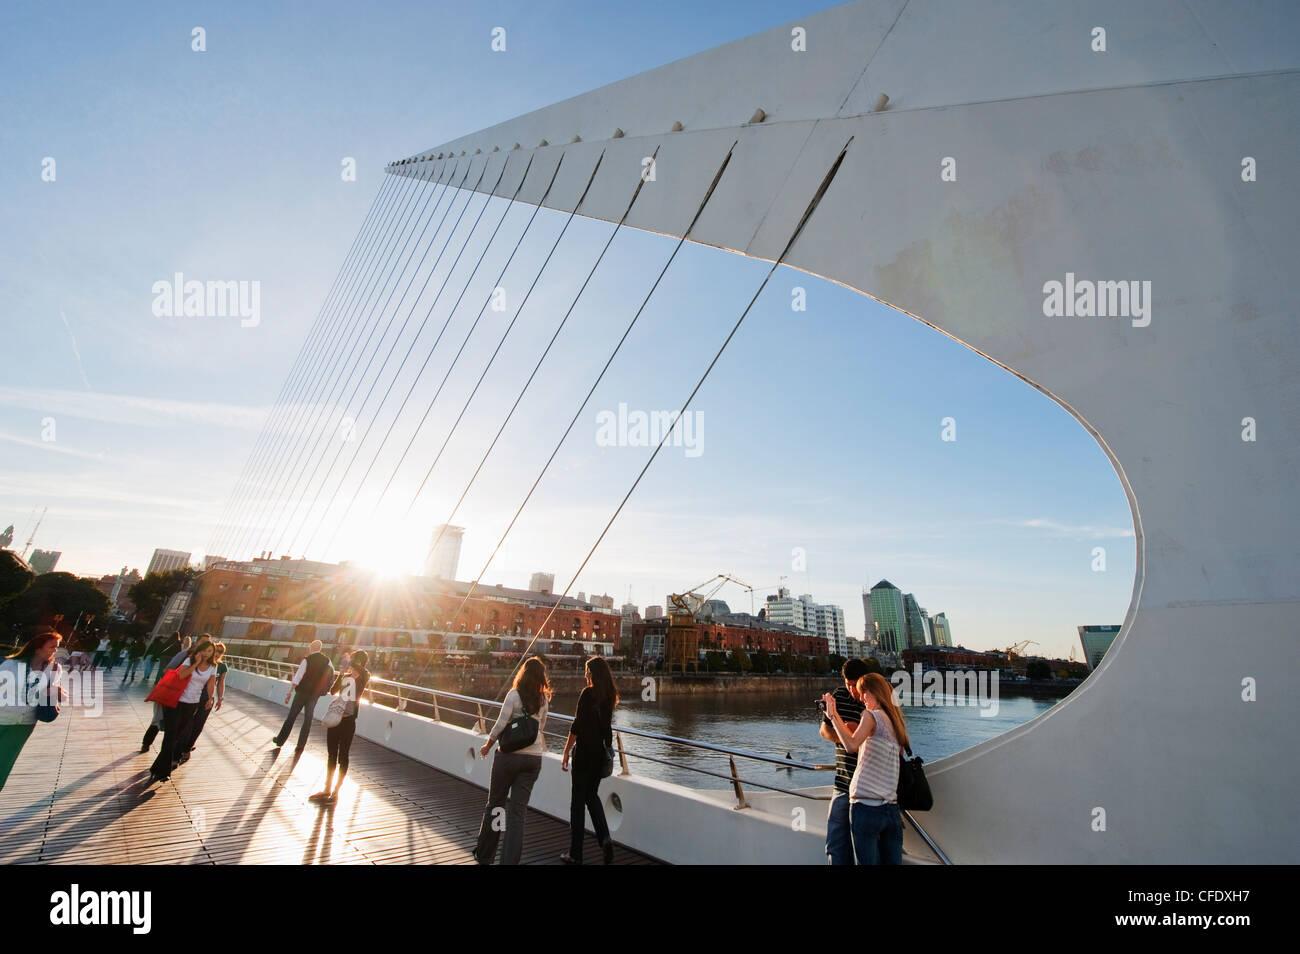 Puente de la Mujer, Buenos Aires, Argentine, Amérique du Sud Photo Stock